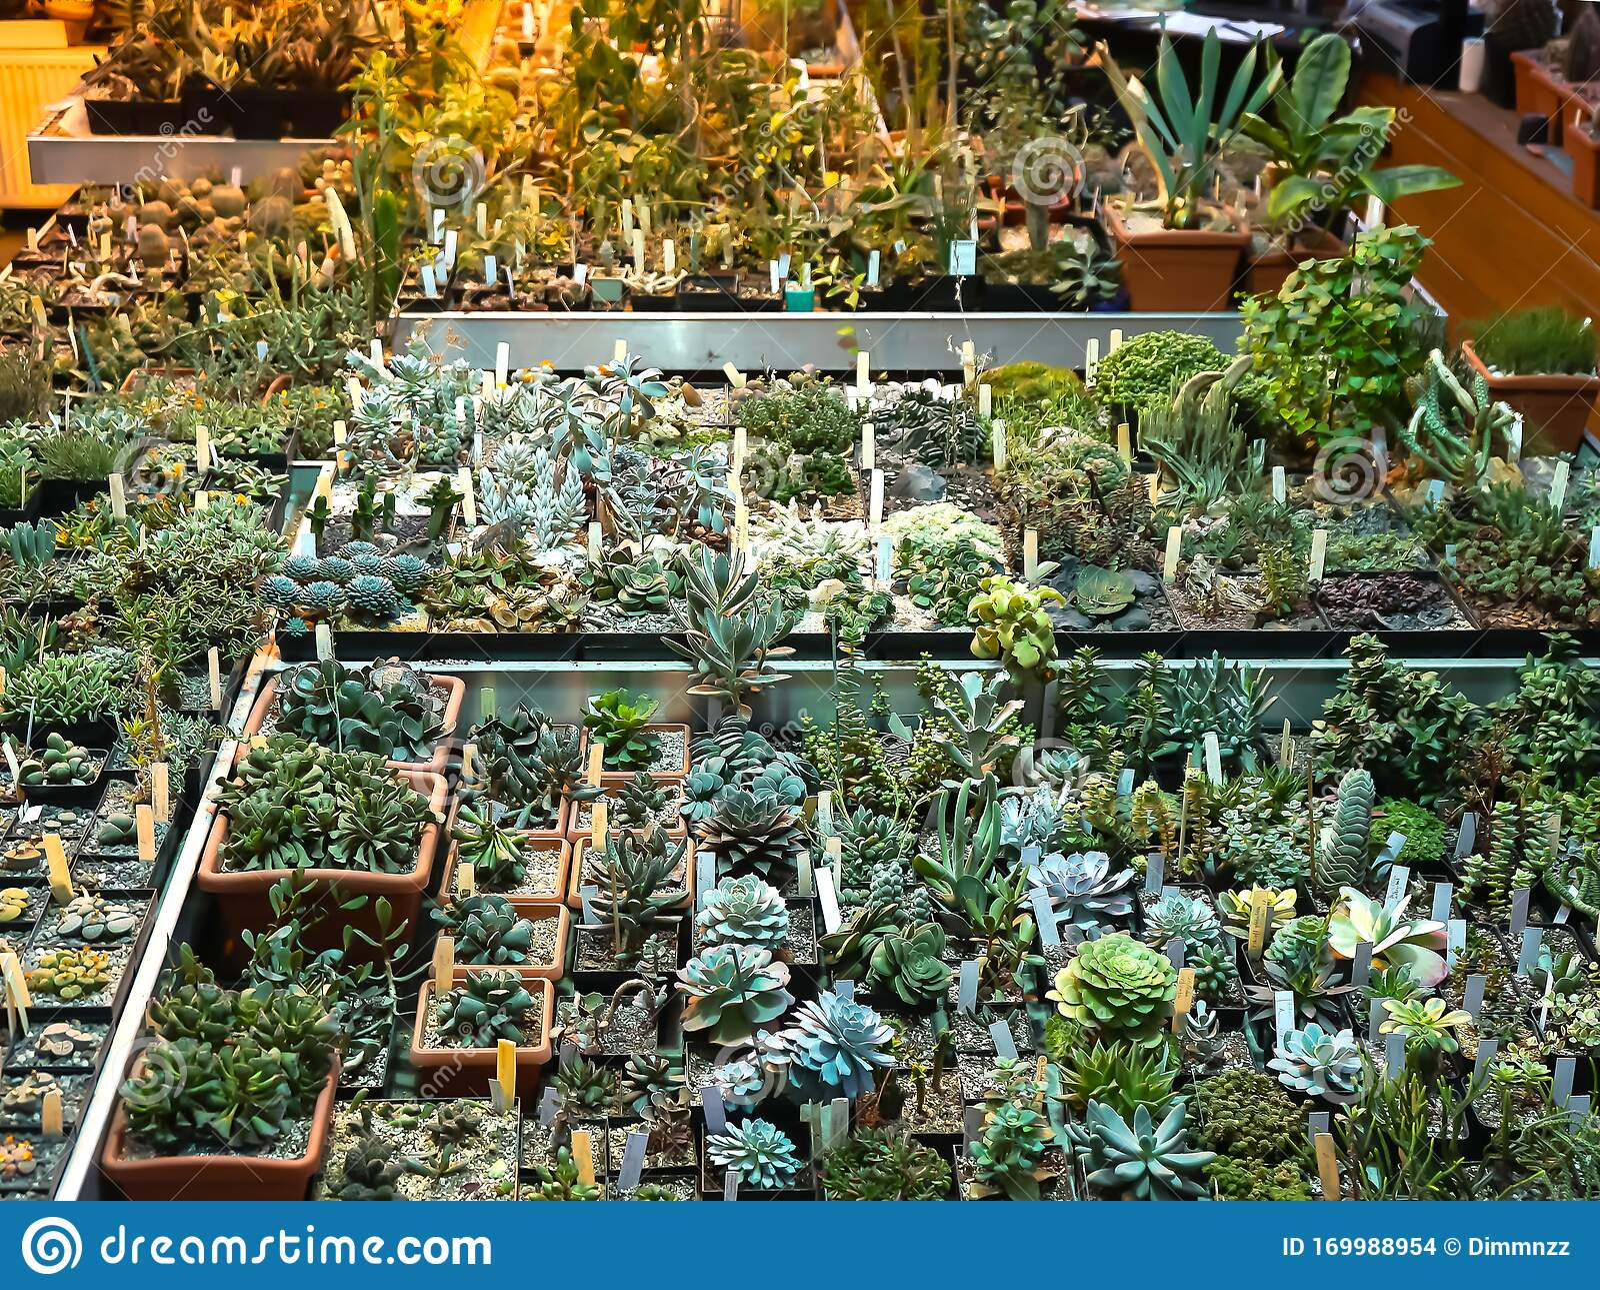 Cactus And Succulent In Flower Pots Indoor Plants In Plastic Pots